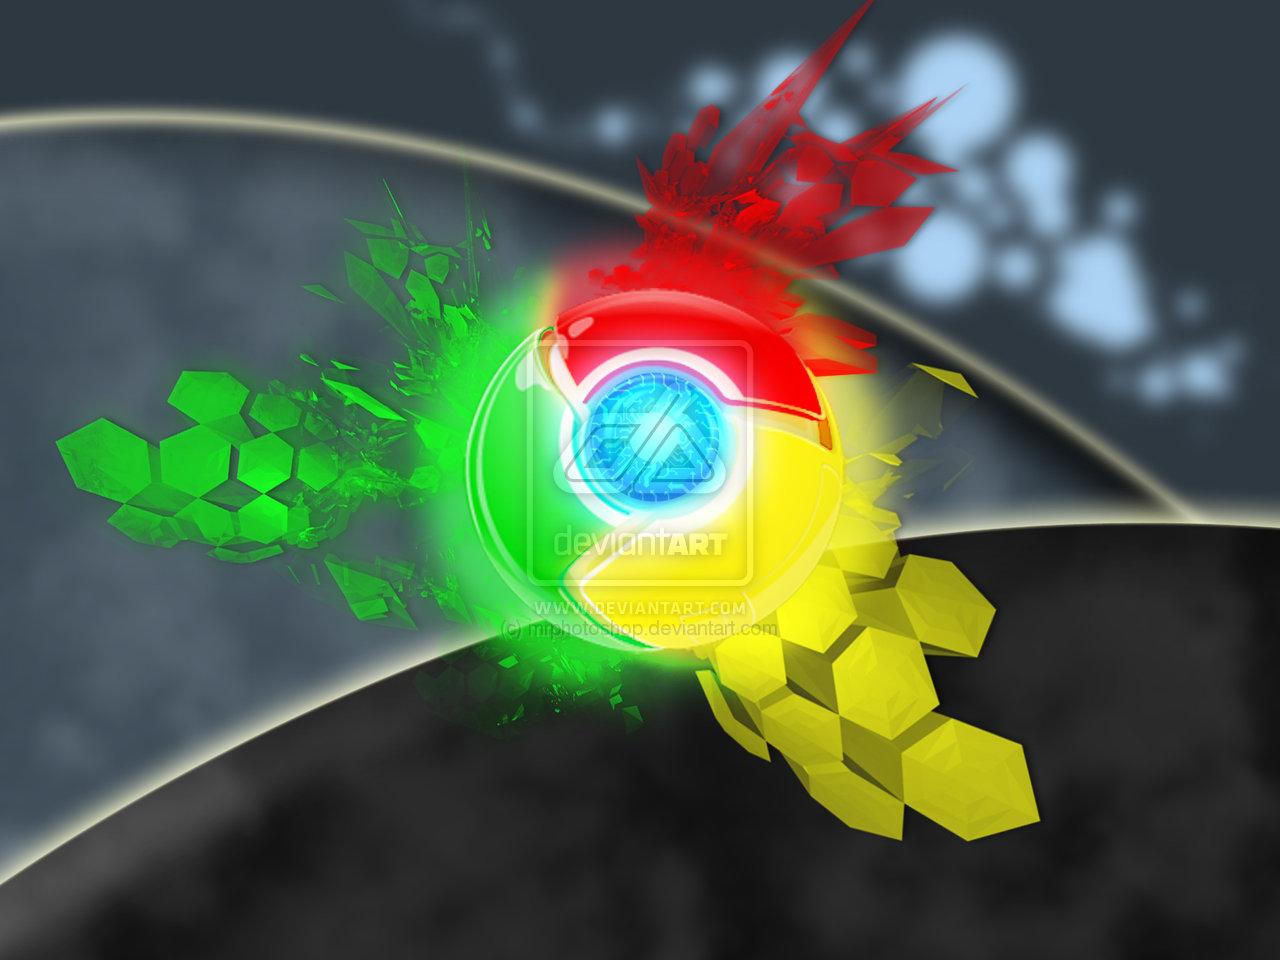 Free Download Compilation Of Google Chrome Desktop Wallpaper